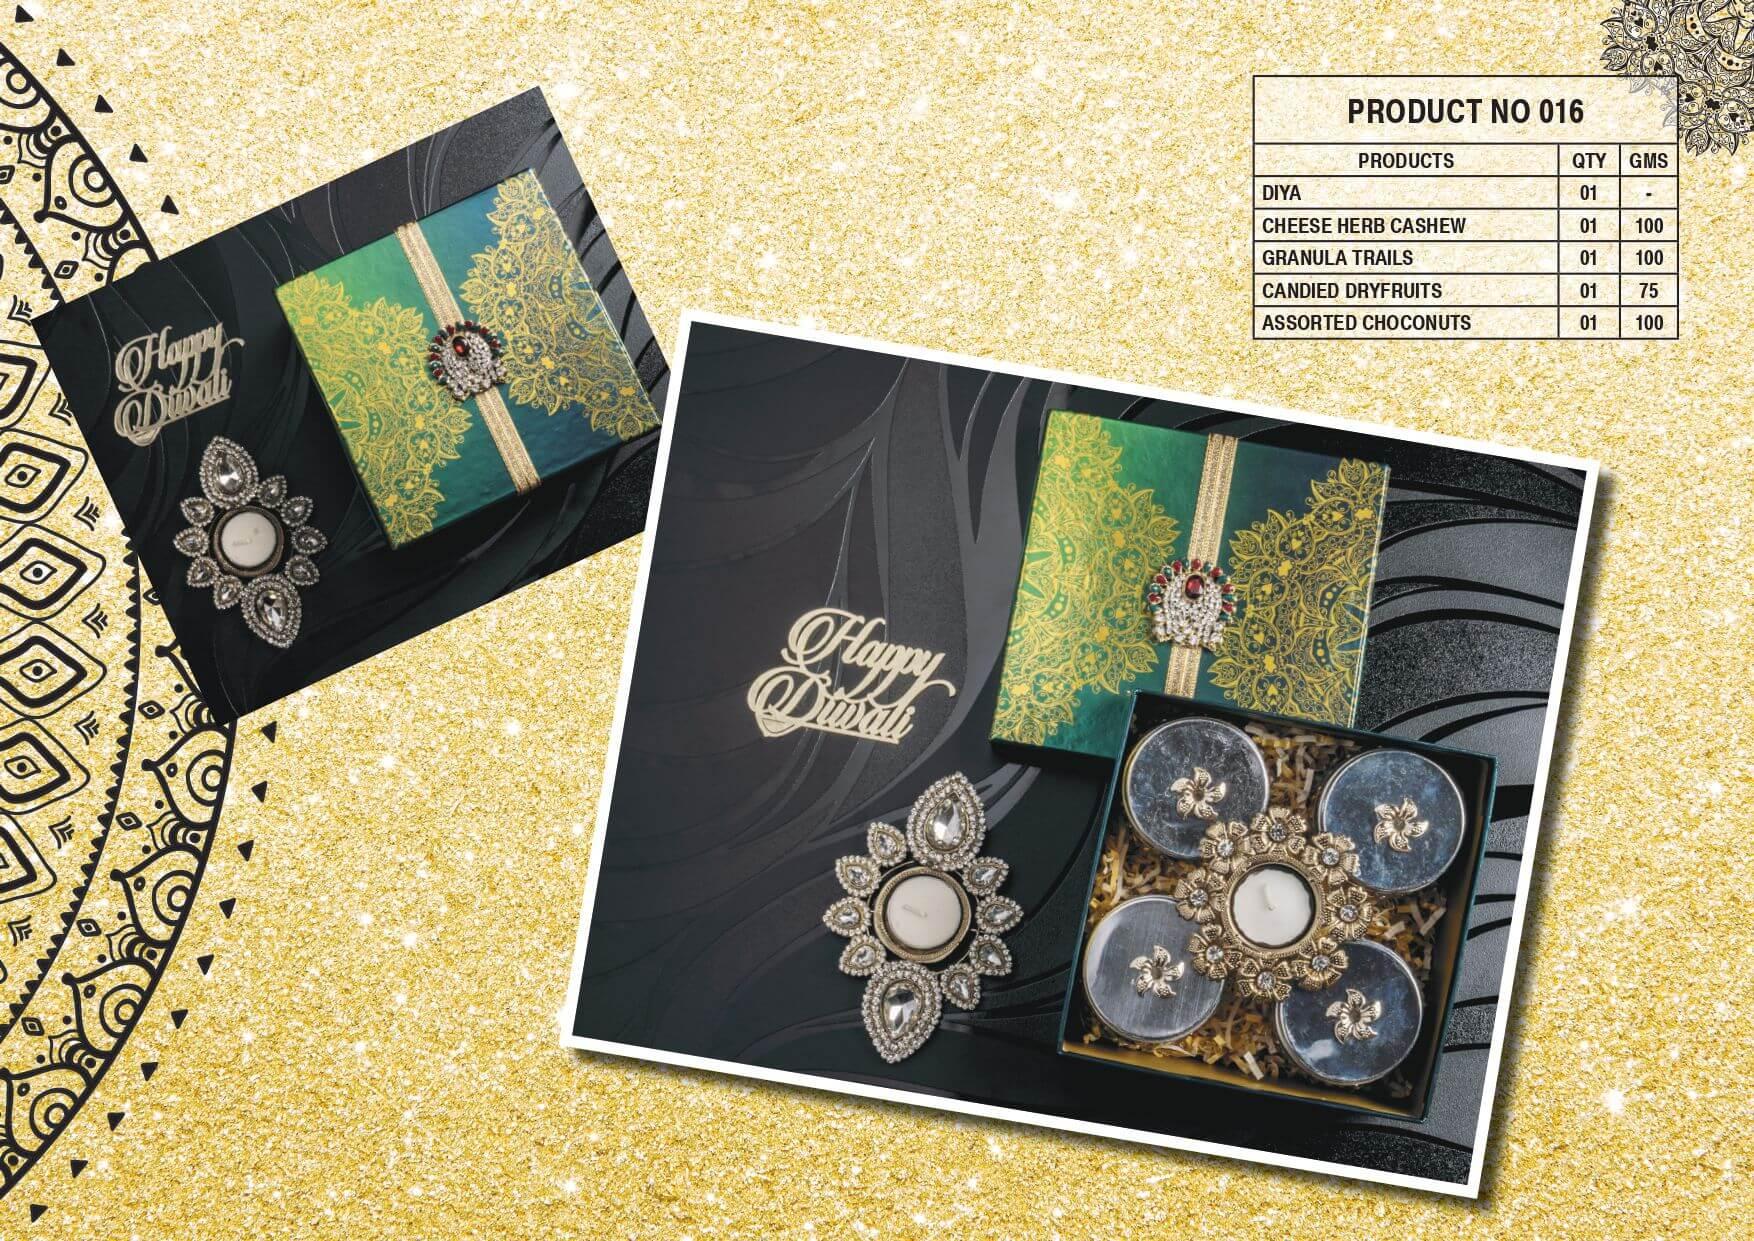 Diwali Gifts Mumbai PRODUCT NO 016